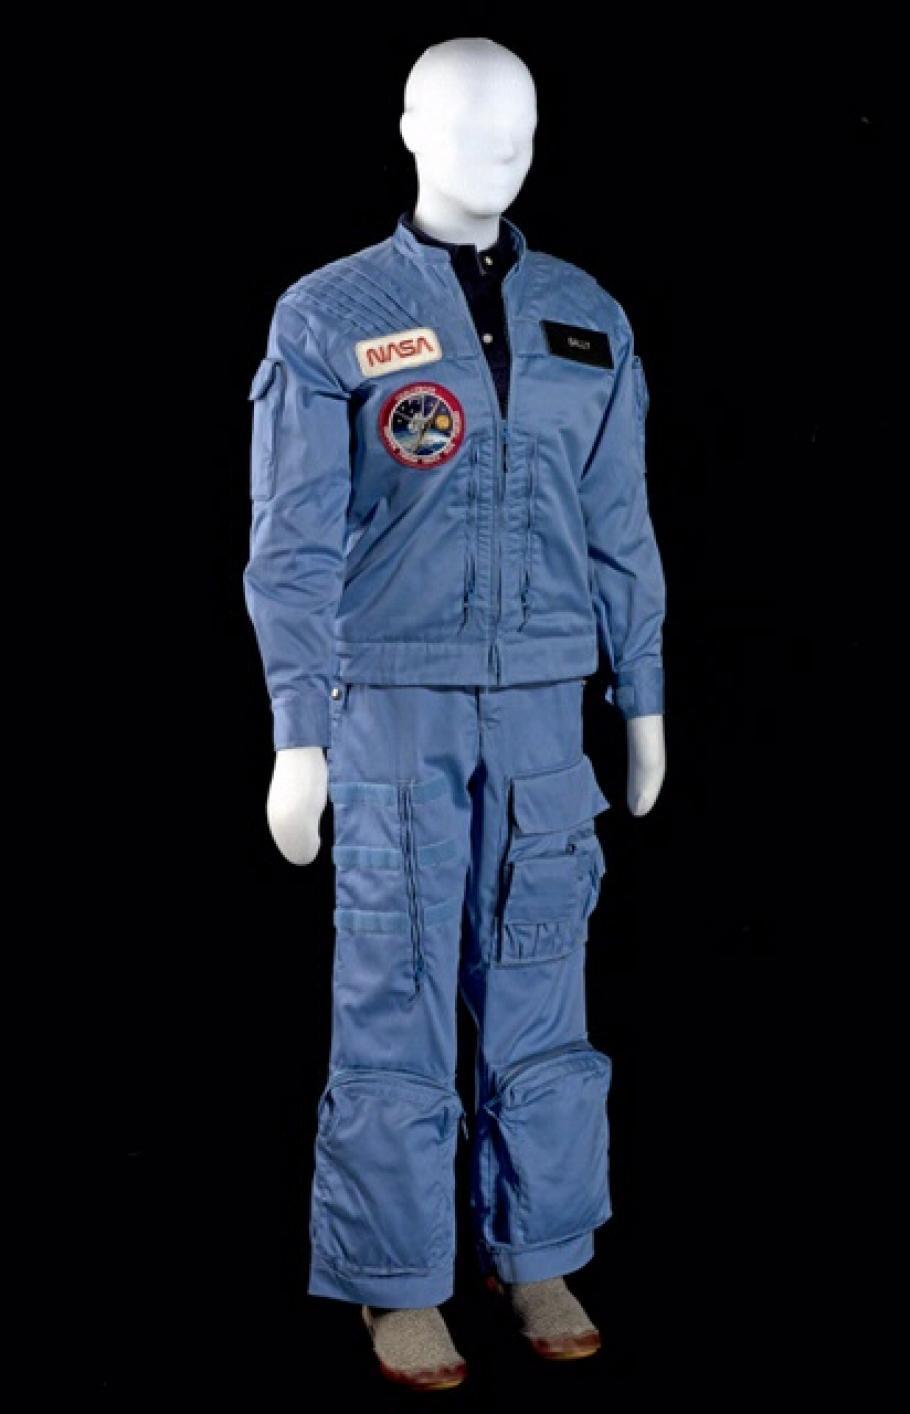 Sally Ride's in-flight suit